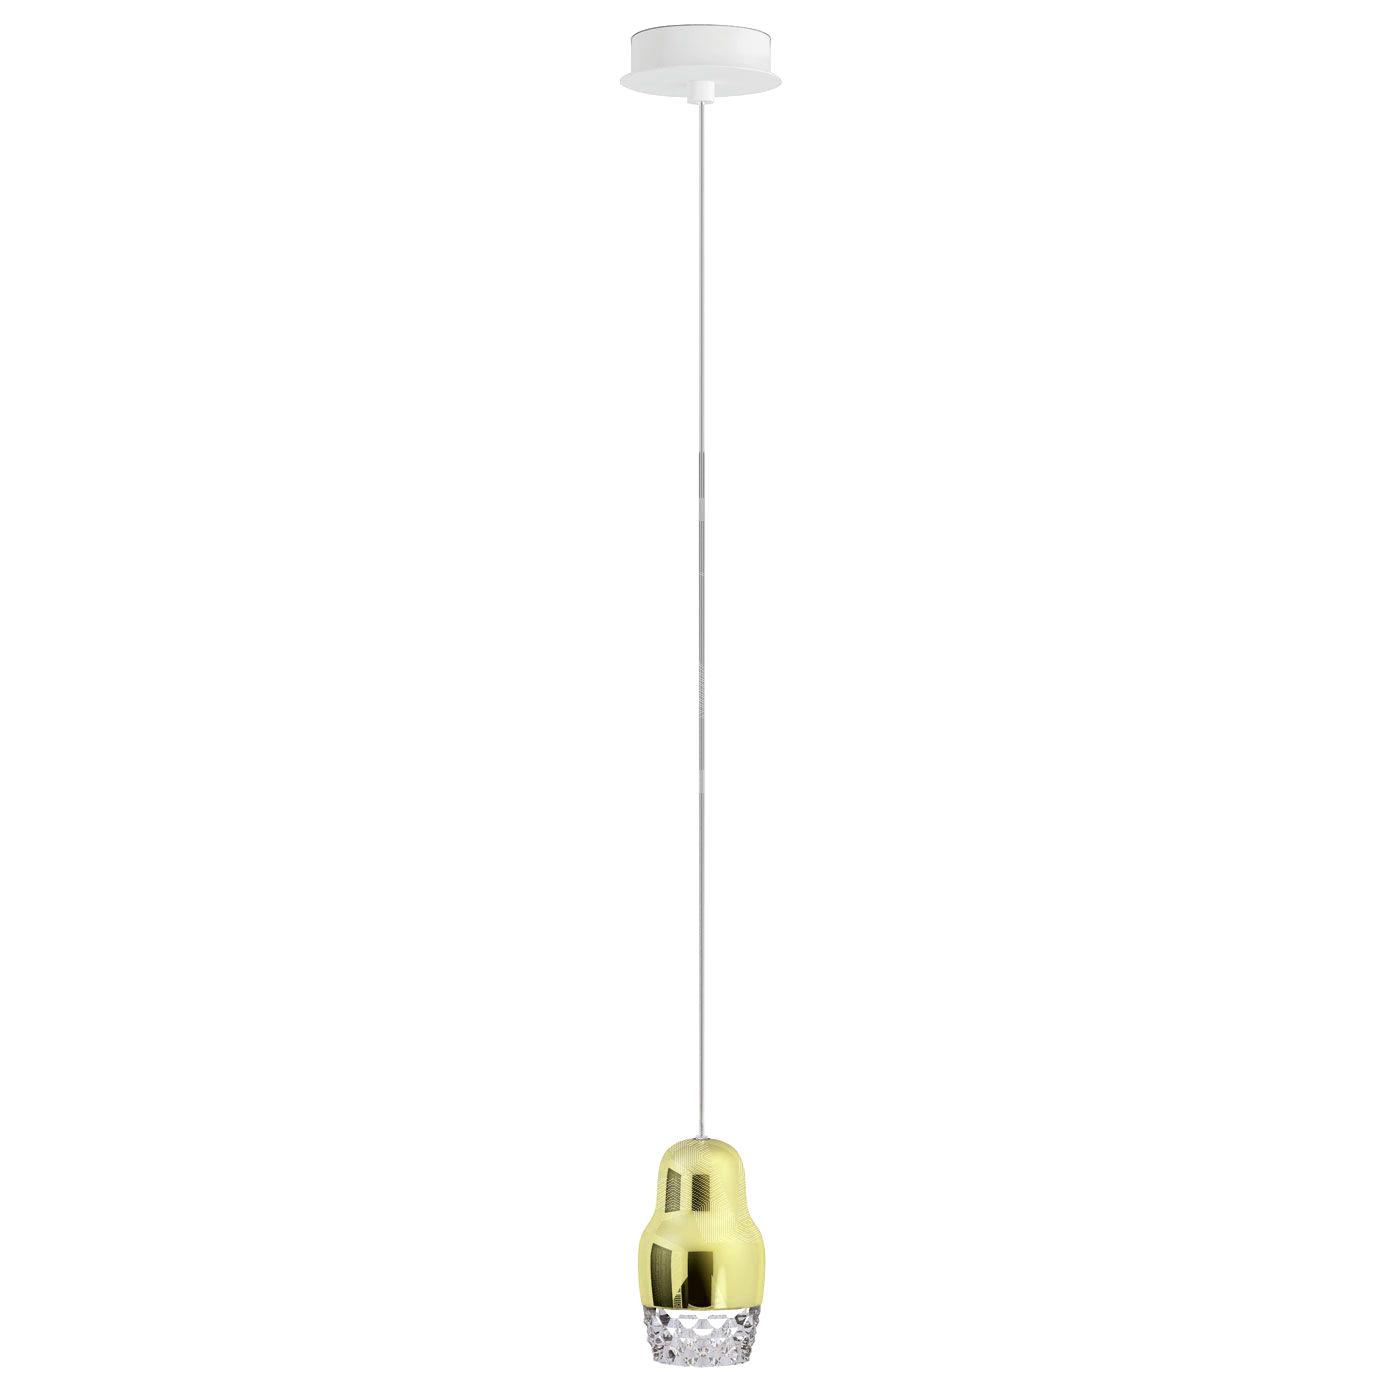 Подвесной светильник копия FEDORA 1 by AXO LIGHT  (золотой)